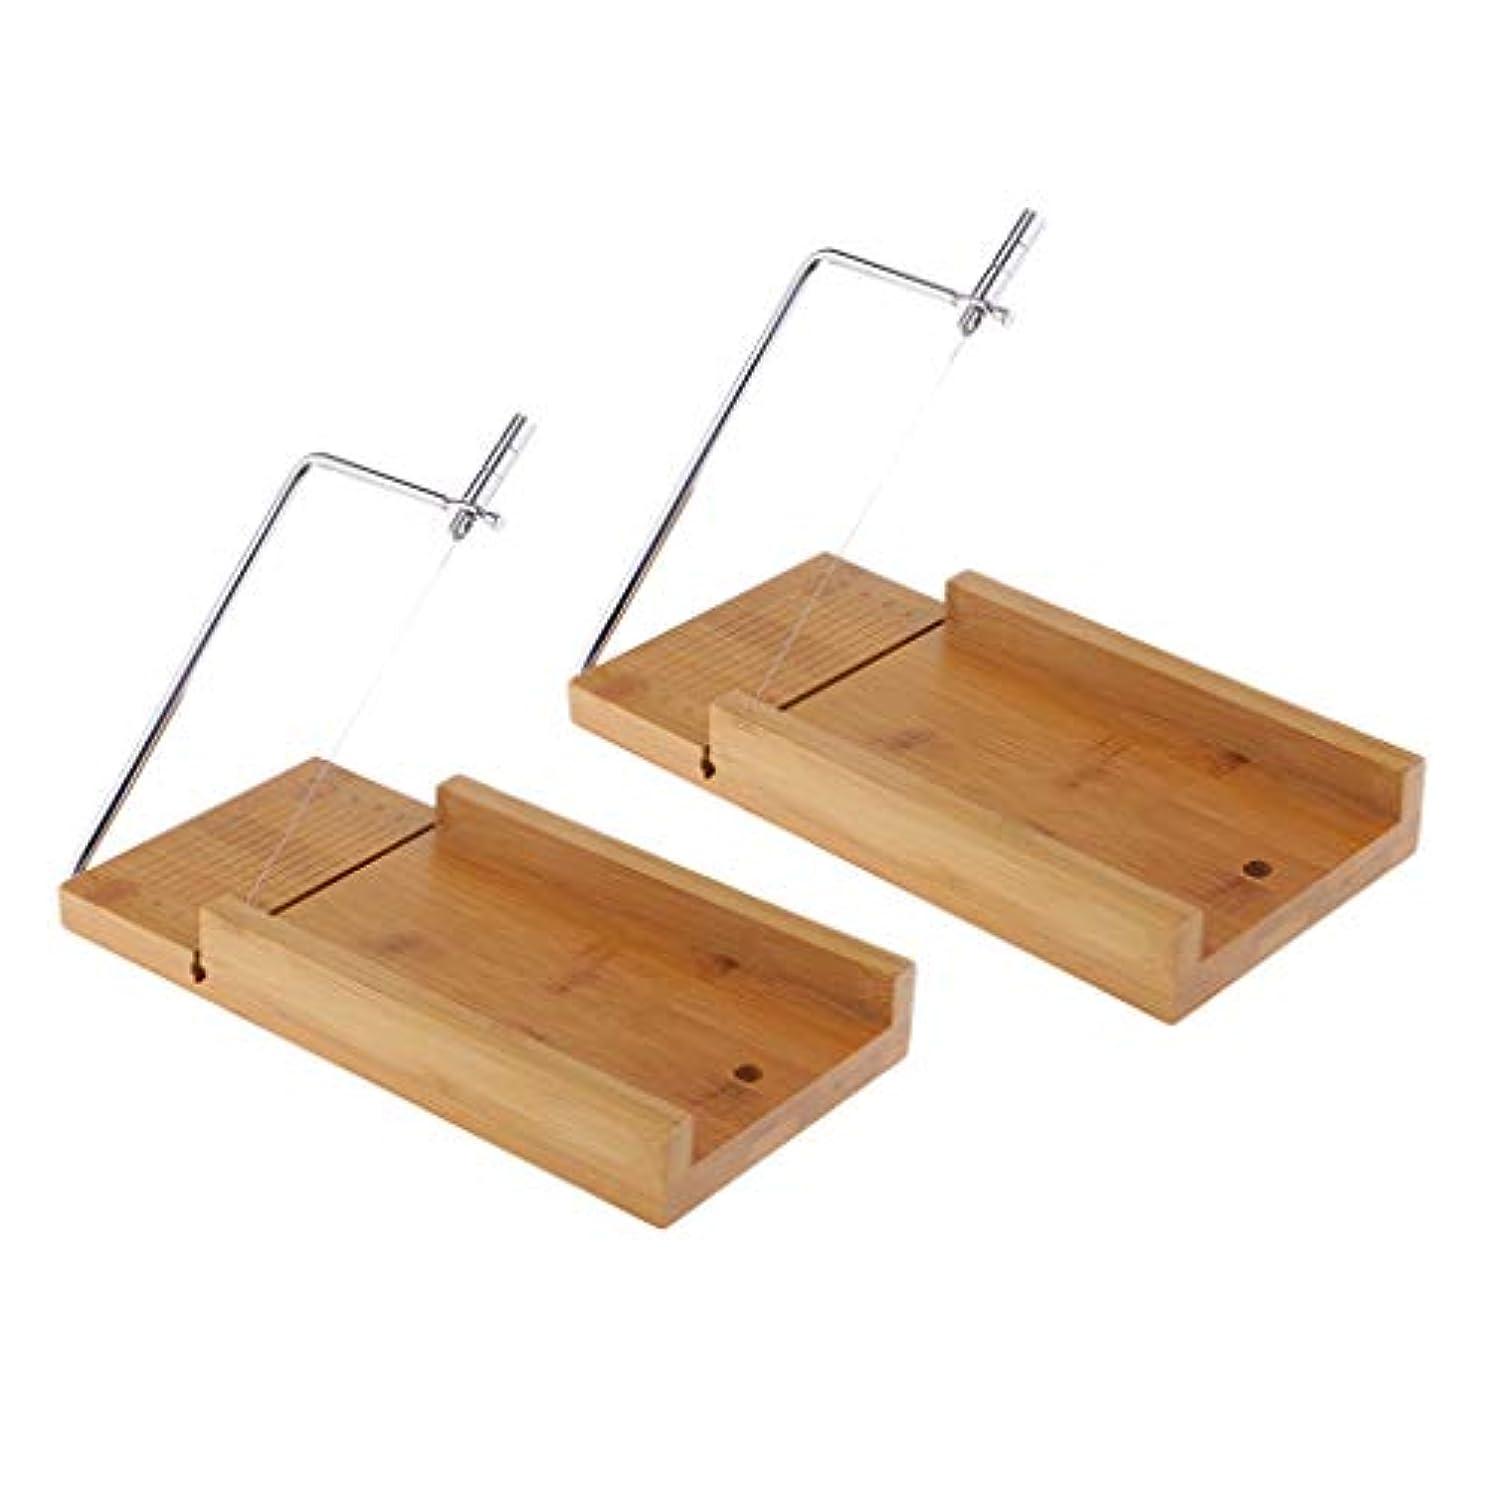 パースブラックボロウ炭素合理化ソープカッター チーズナイフ ワイヤー せっけんカッター 台 木質 石鹸切削工具 2個入り